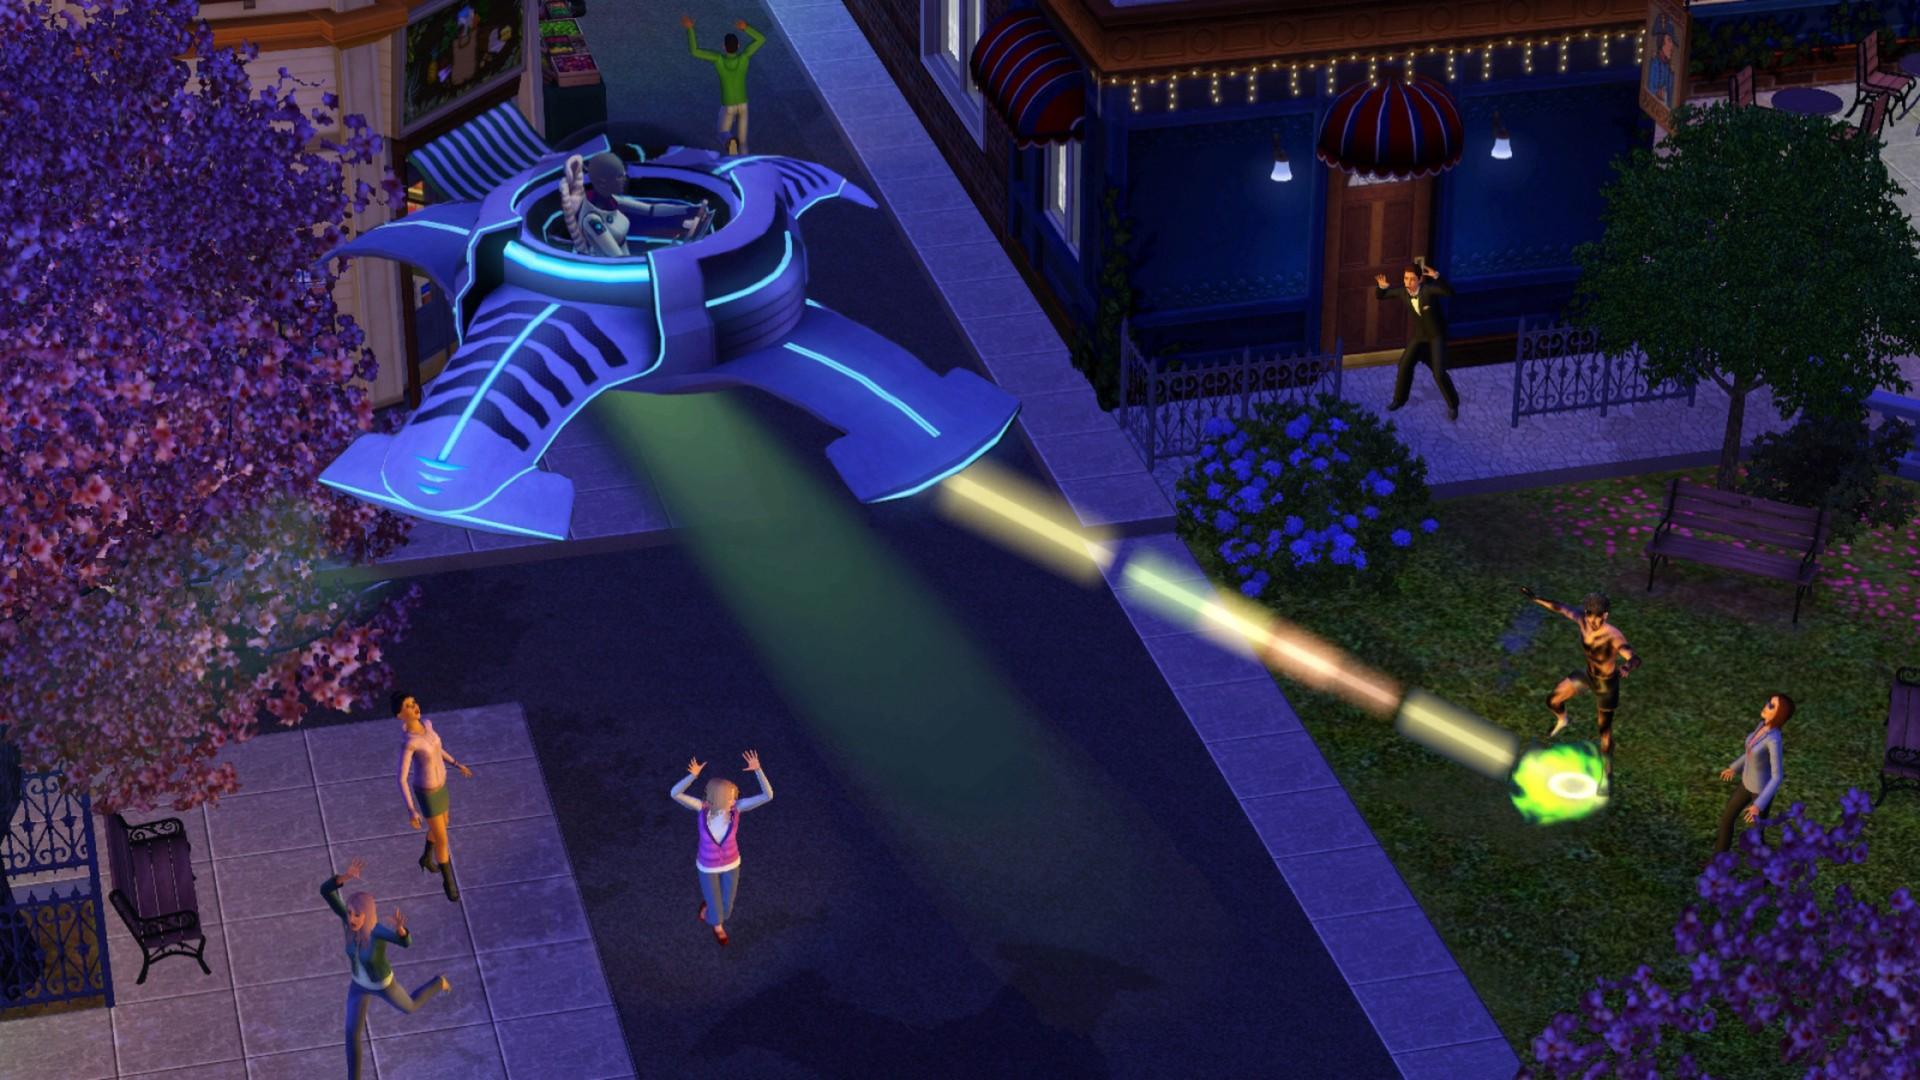 фото из игры симс 3 времена года